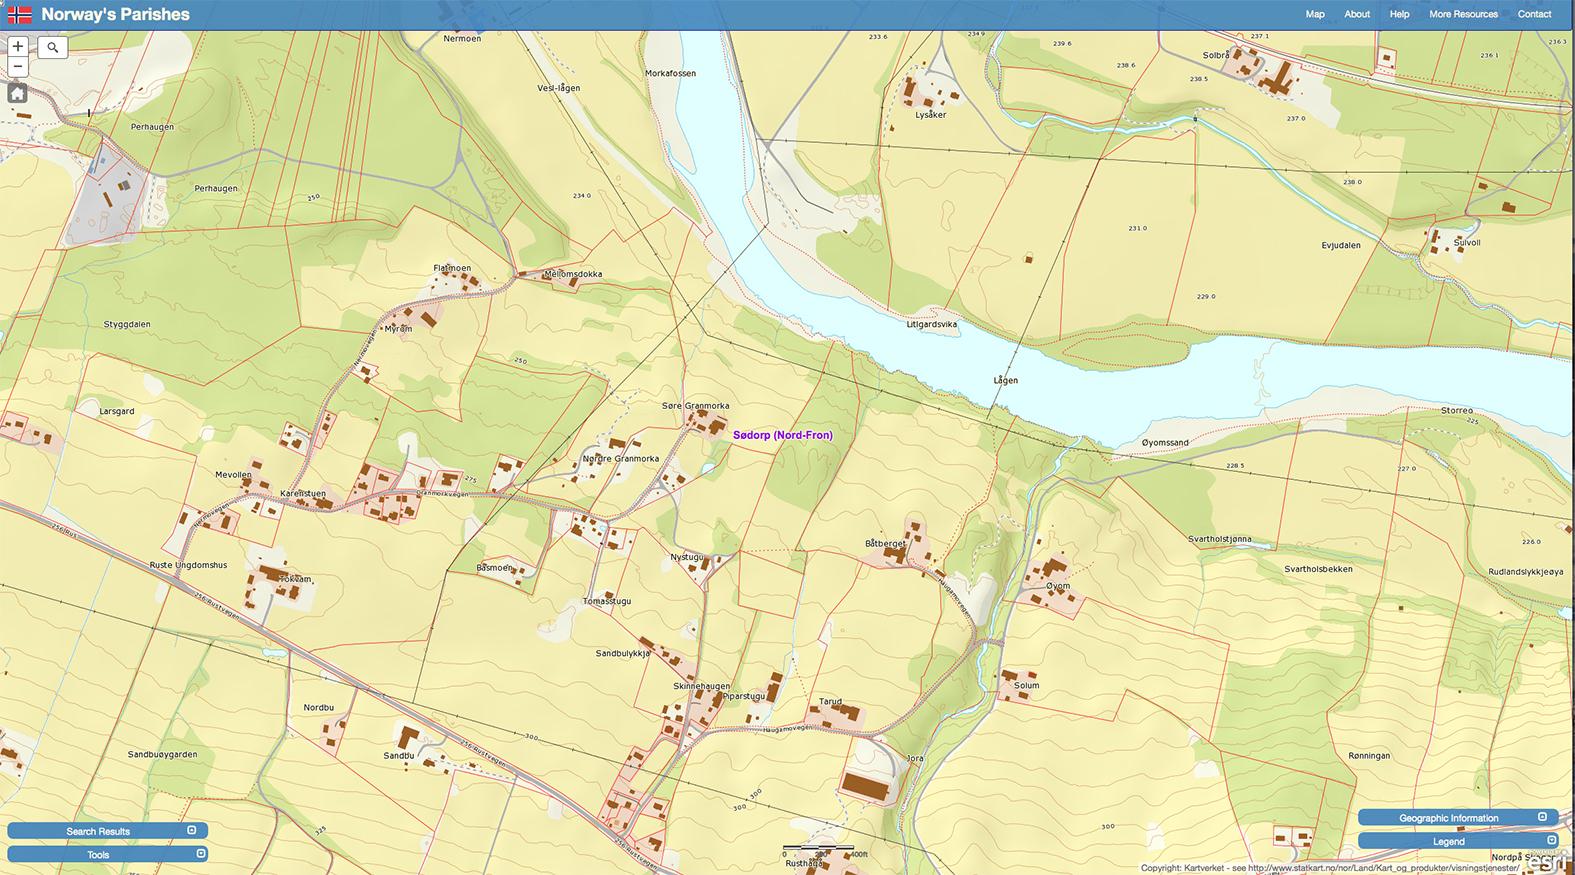 nord fron kart Fron historielag | Ei lokalhistorisk nettavis | Side 47 nord fron kart